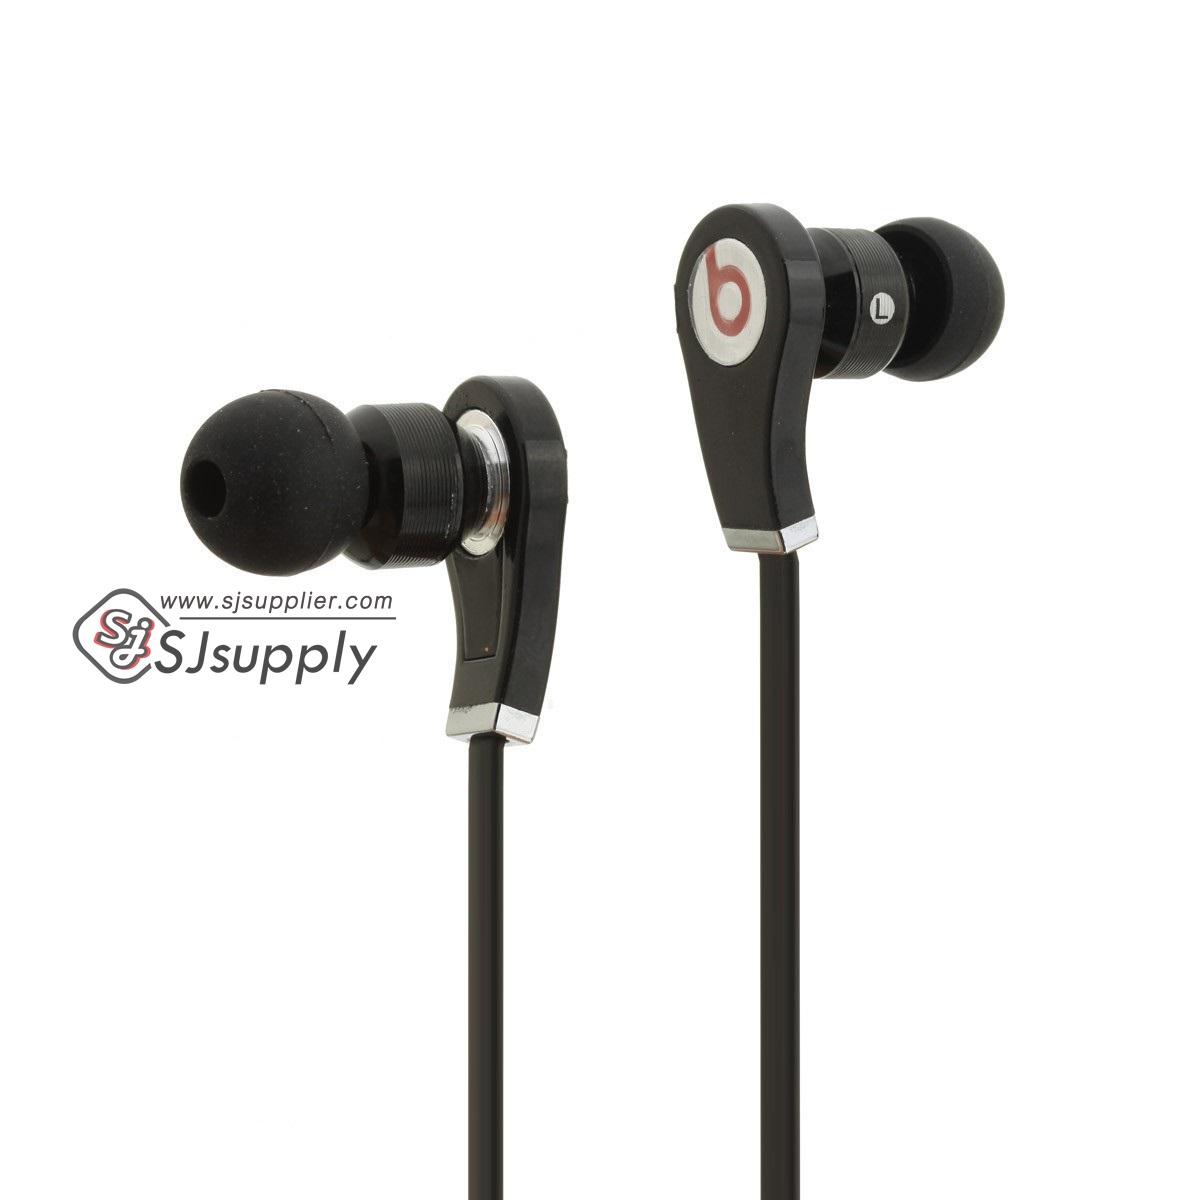 หูฟัง Beats Tour สีดำ